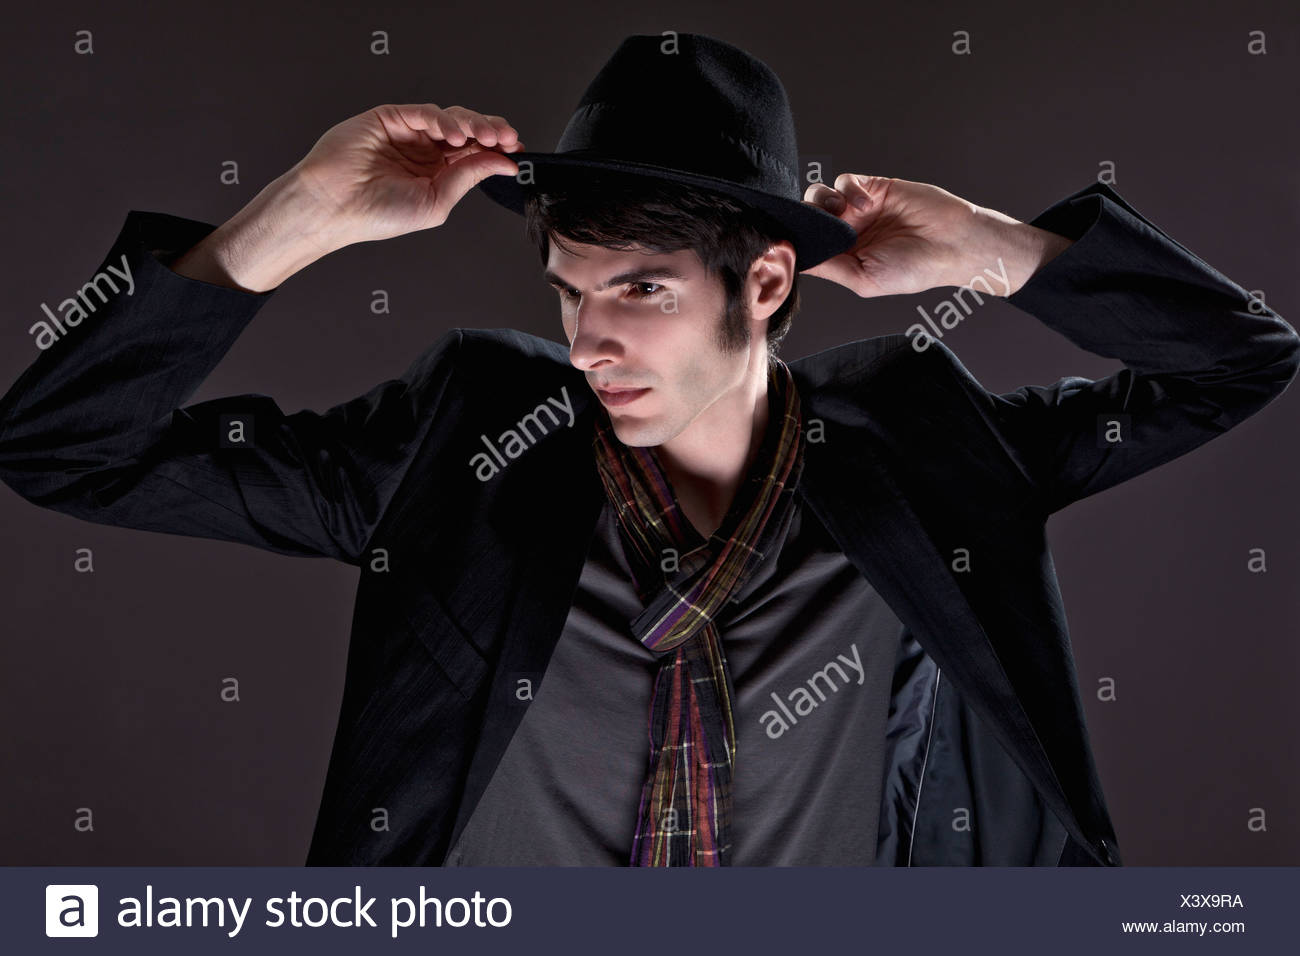 dd1f587355a39 Jeune homme en costume noir avec chapeau Banque D'Images, Photo ...